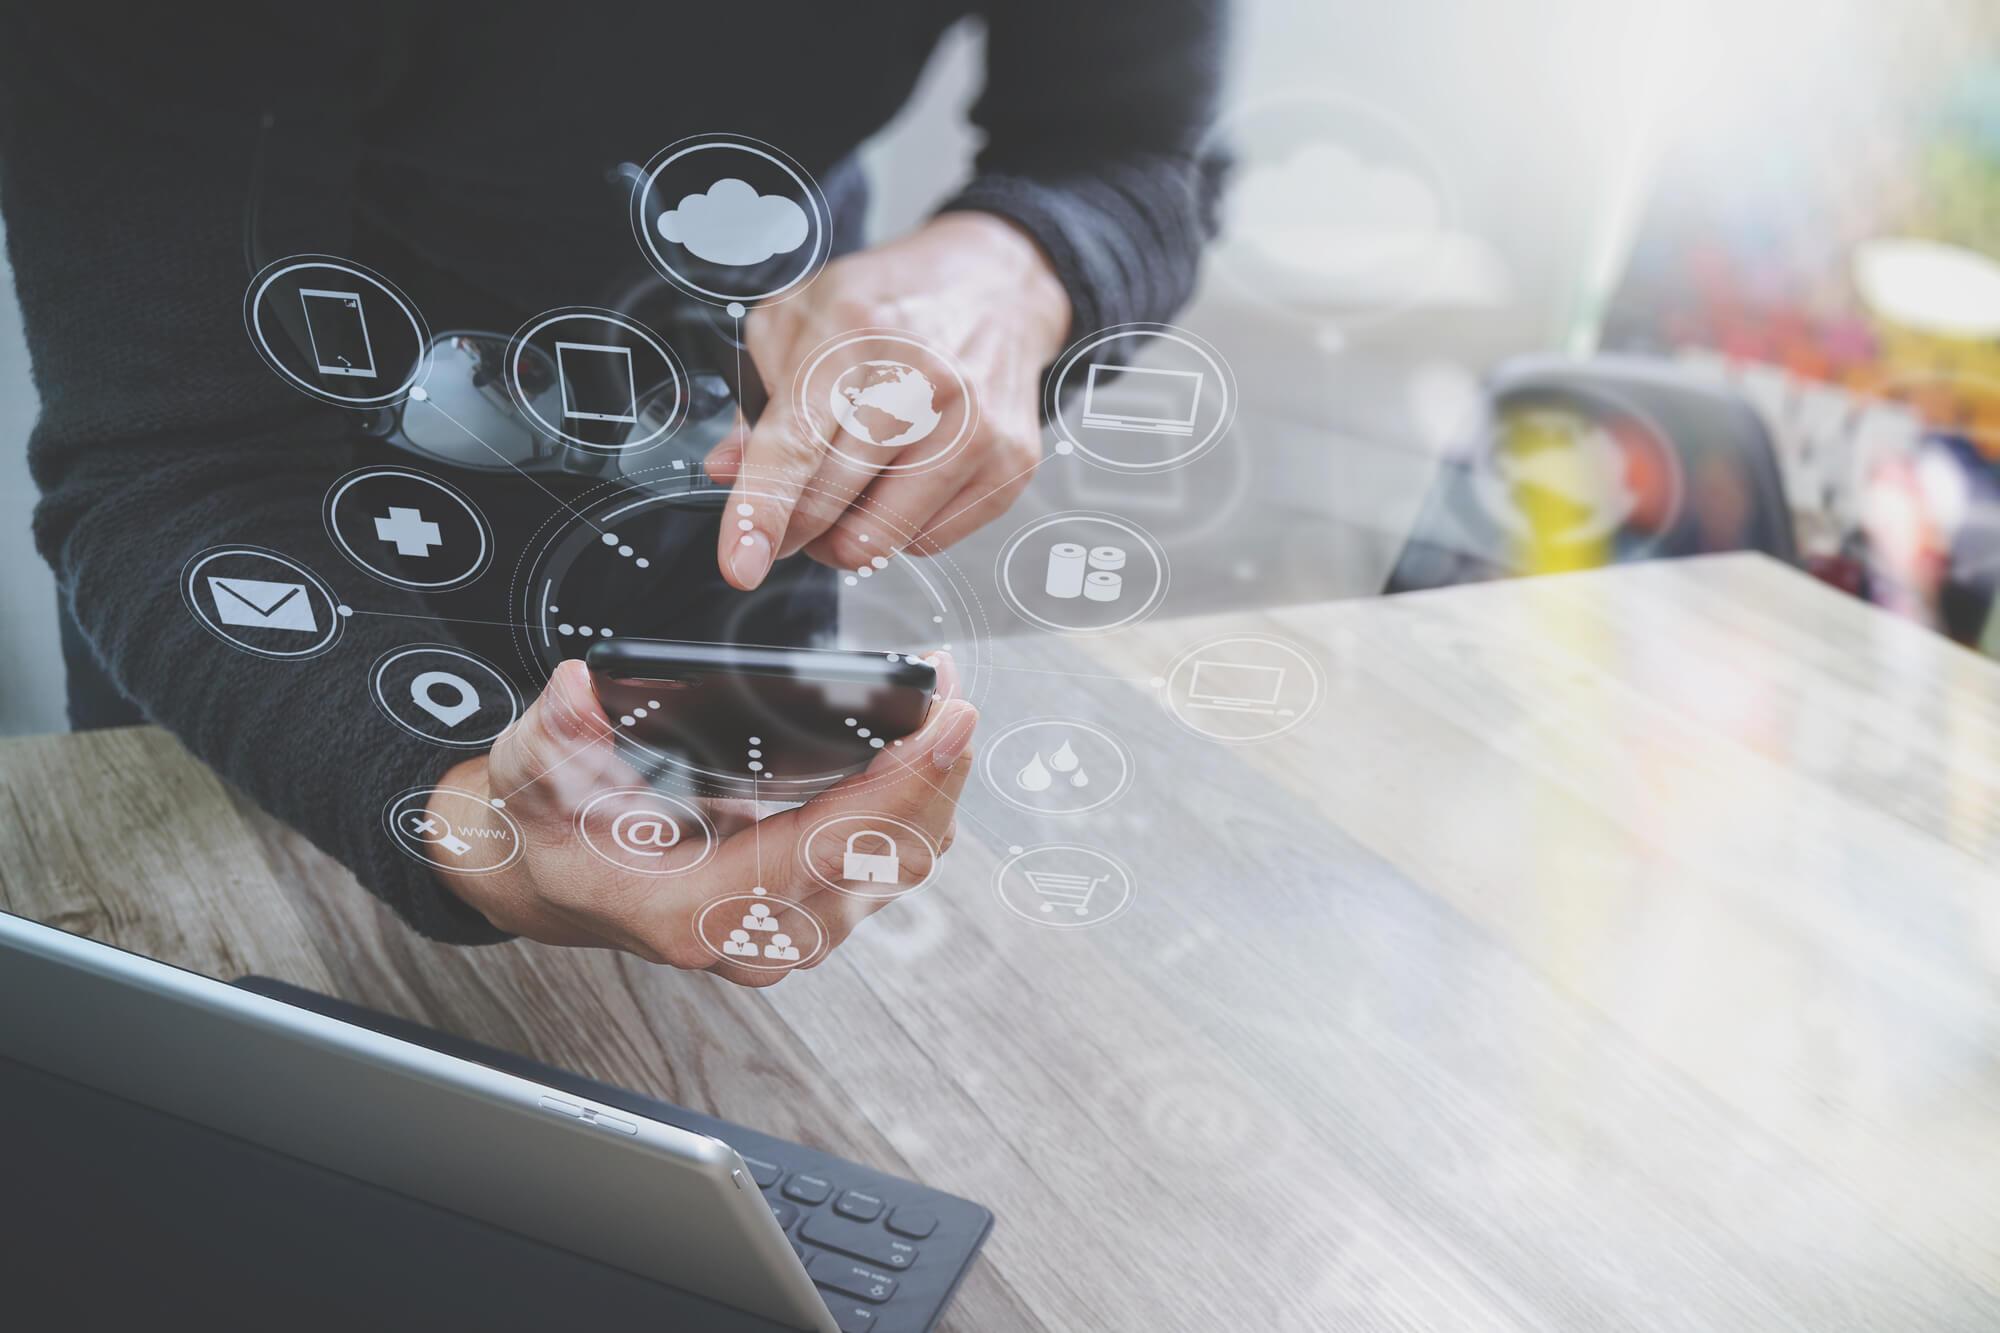 como-estruturar-uma-comunicacao-multicanal-eficiente-na-empresa.jpg